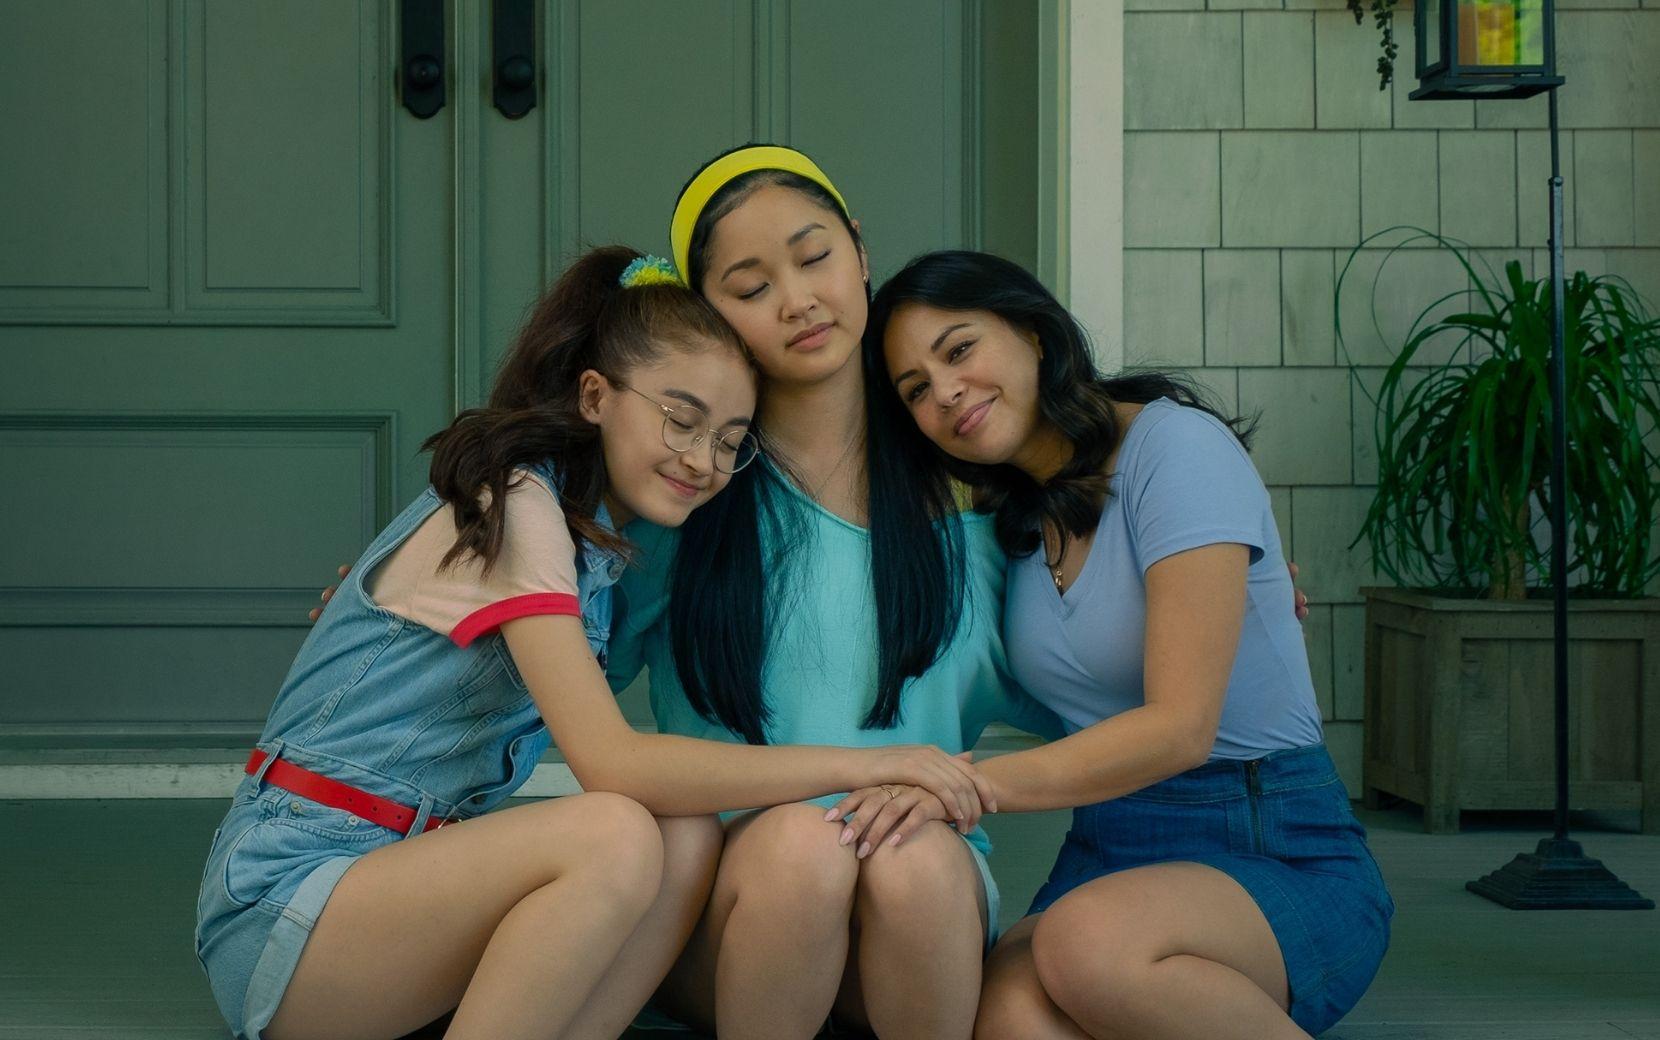 """Atrizes de """"Para Todos os Garotos"""" dão conselhos sobre namoro à distância em vídeo da Netflix"""